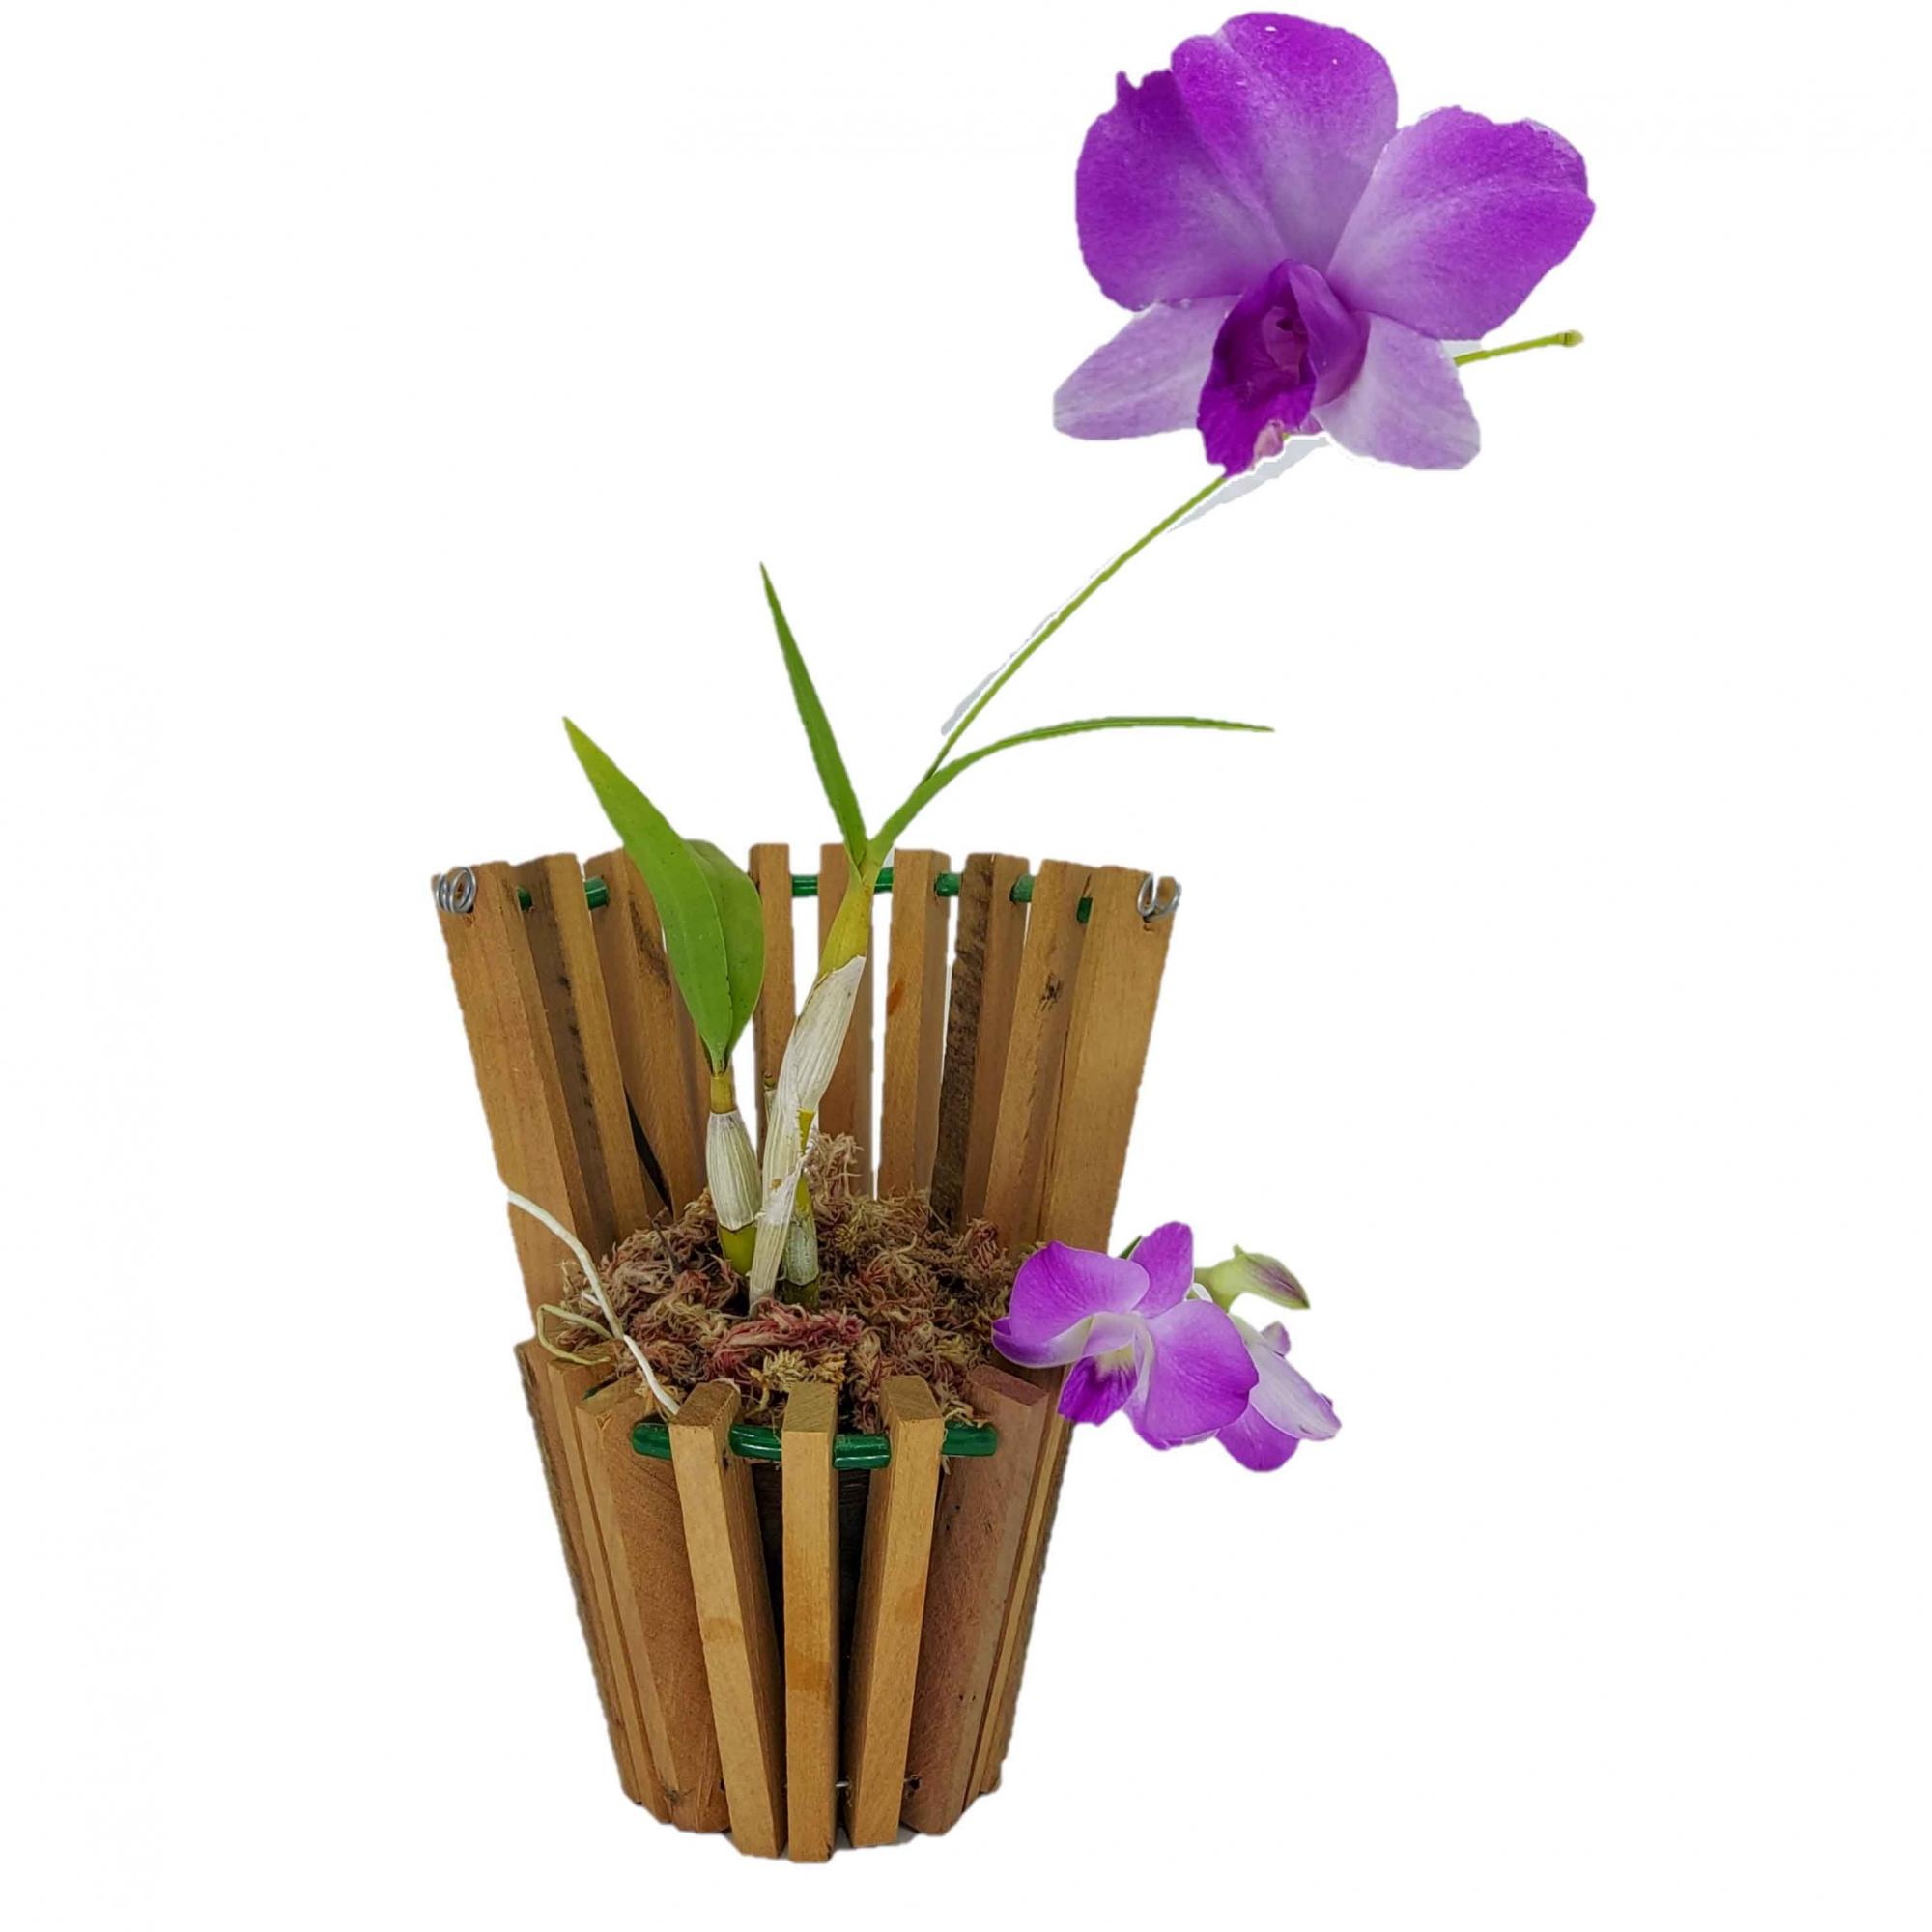 Cachepô para Orquídea Modelo Leque Fechado 20cm x 9,5cm em Madeira de Demolição